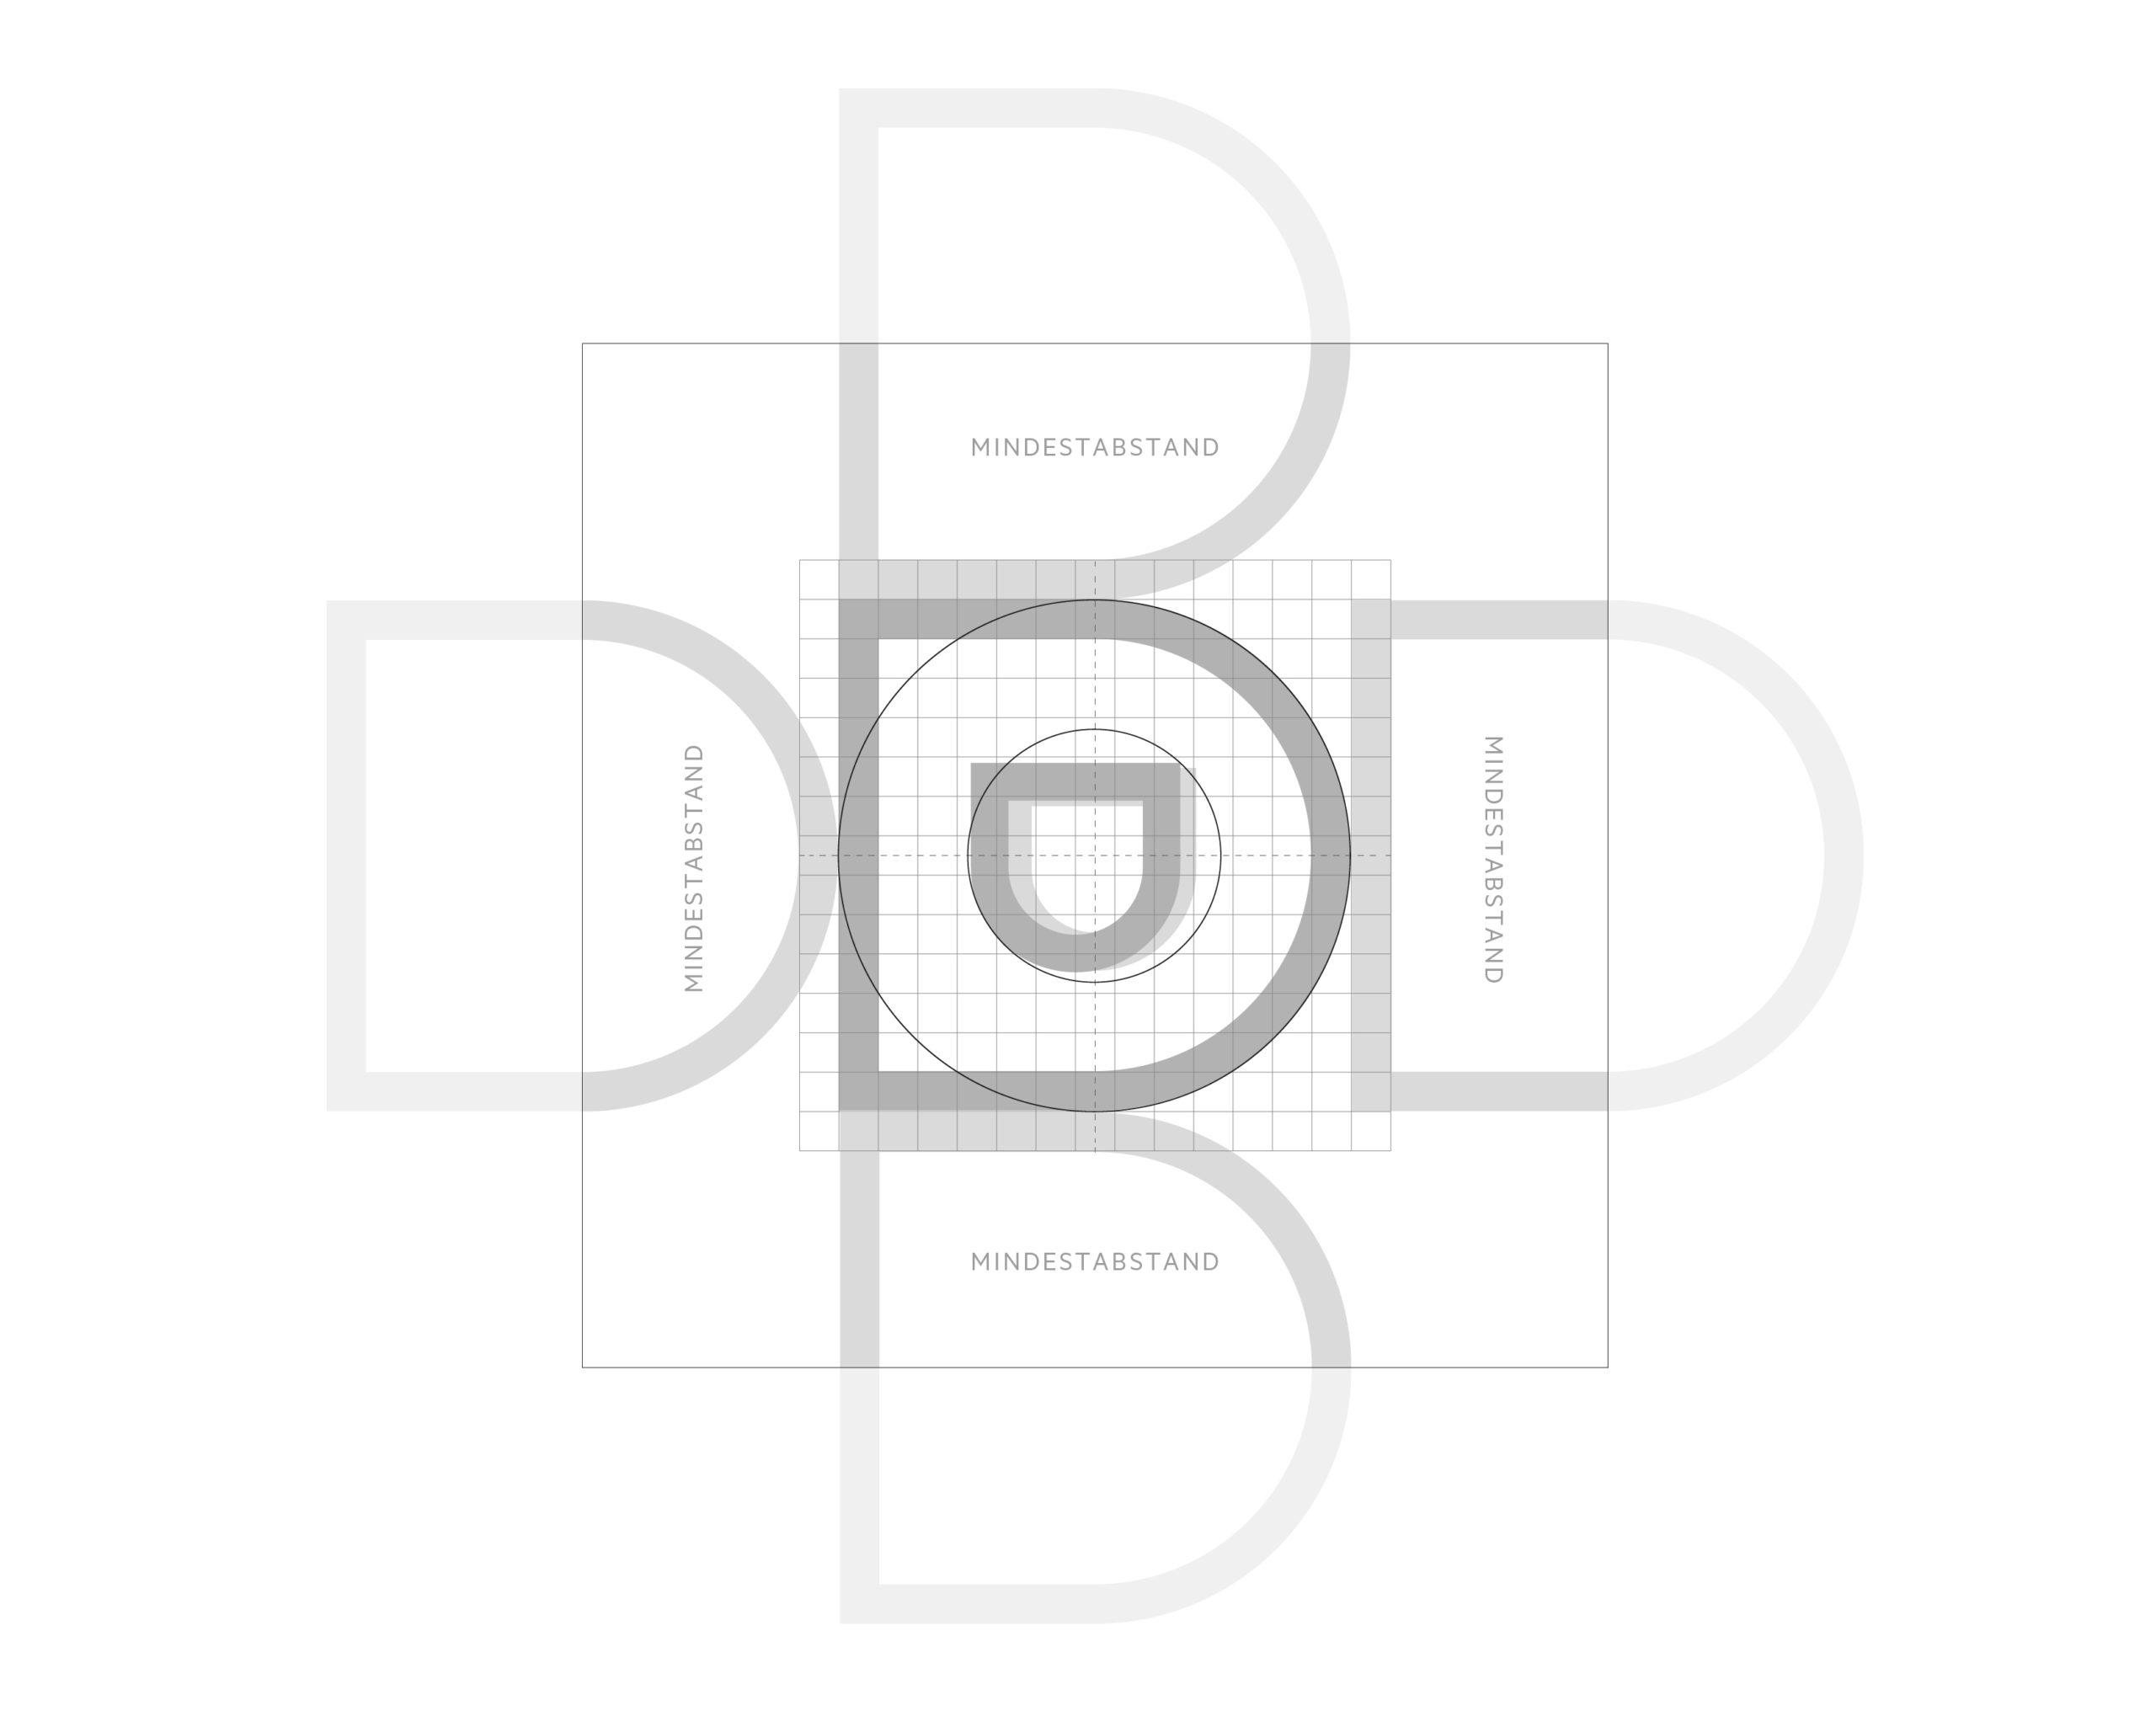 Katholische Hochschulgemeinde Düsseldorf Corporate Design Logo Konstruktion und Schutzzone Symbol